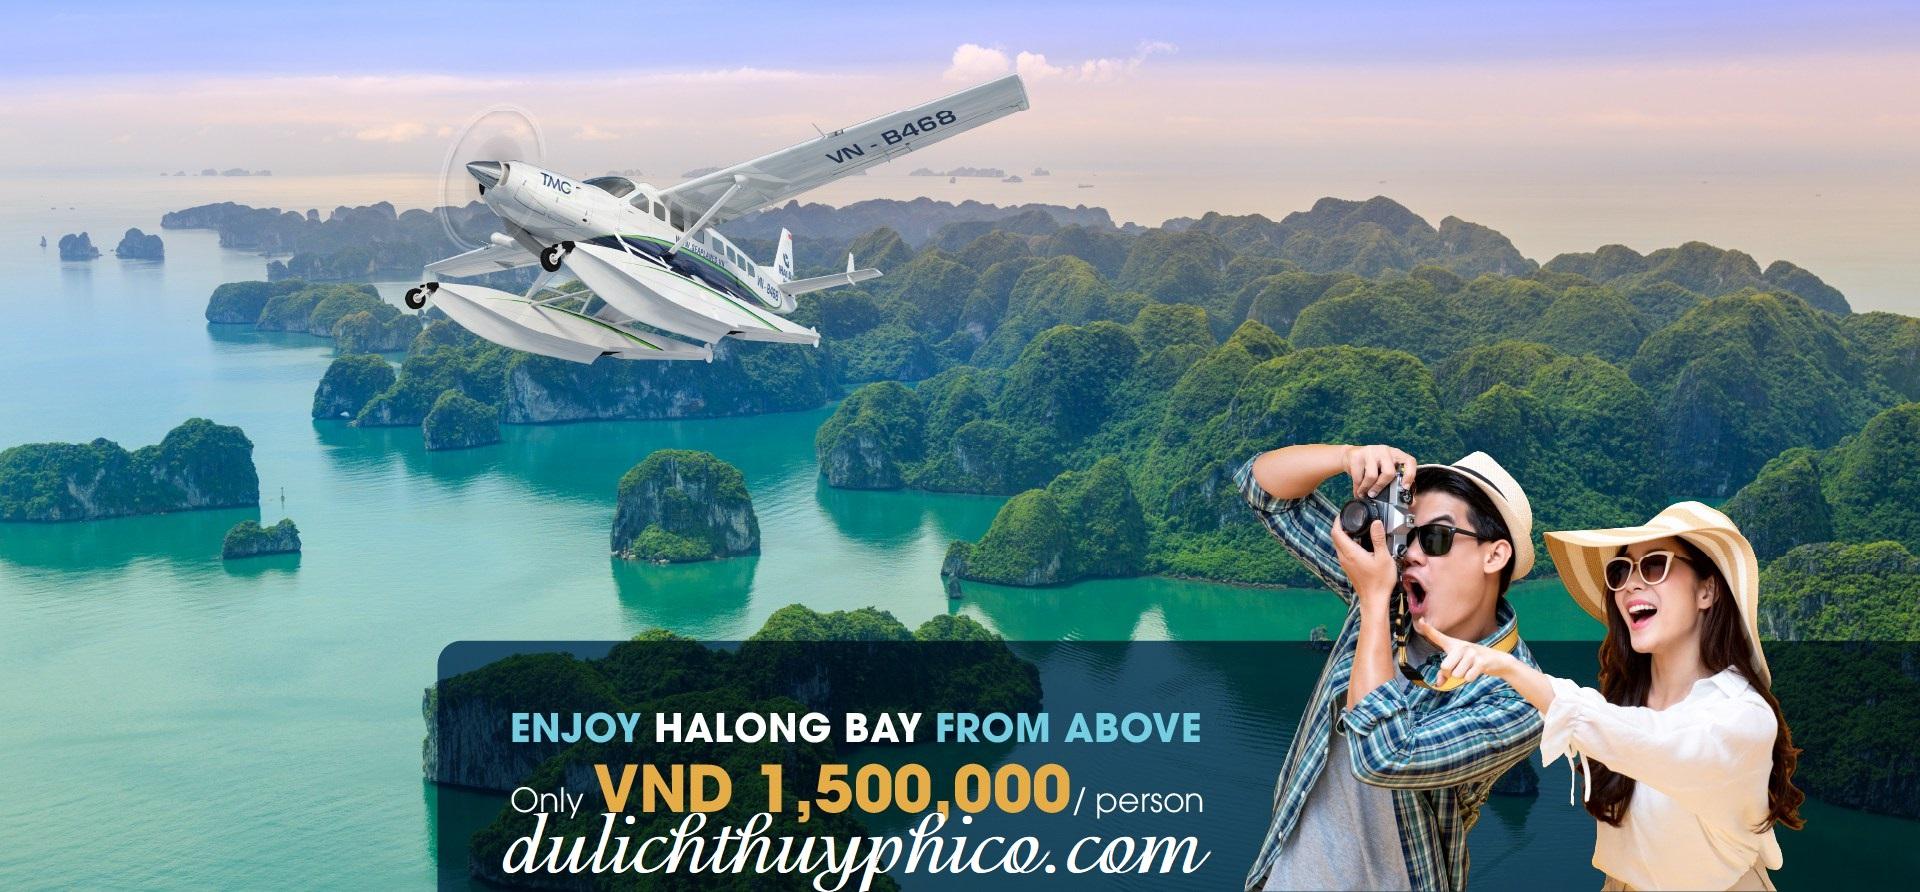 Tour Thủy Phi Cơ ngắm cảnh Hạ Long hàng tuần